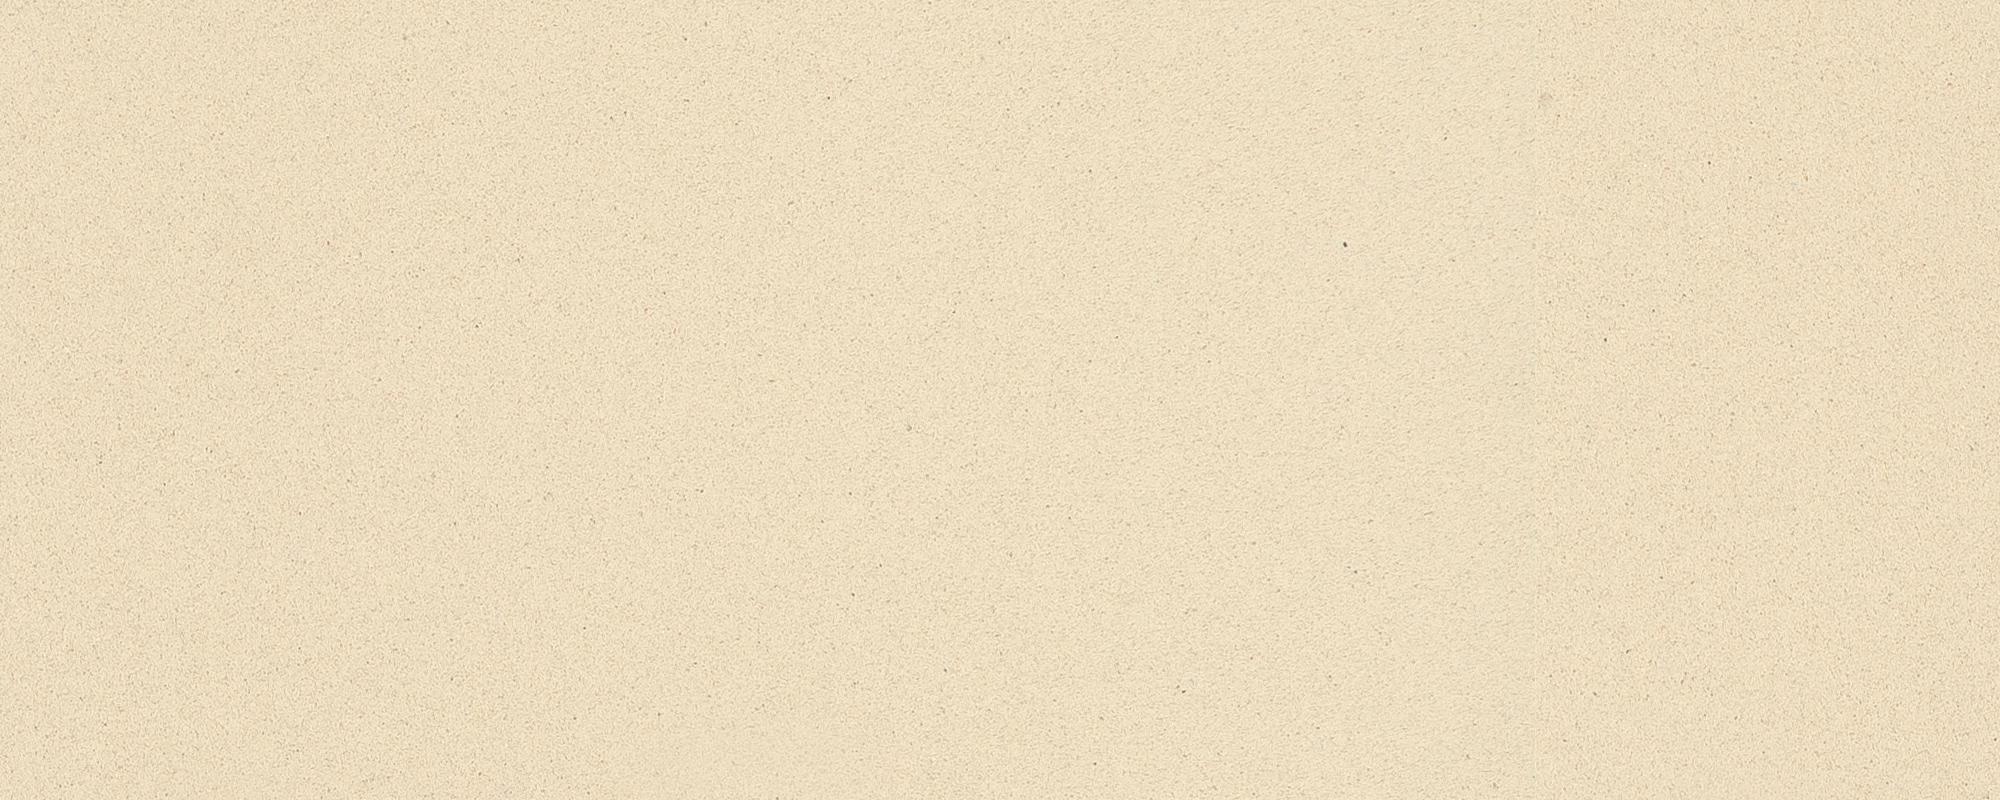 Cuarzo de color arena colecci n genesis compac for Catalogo compac